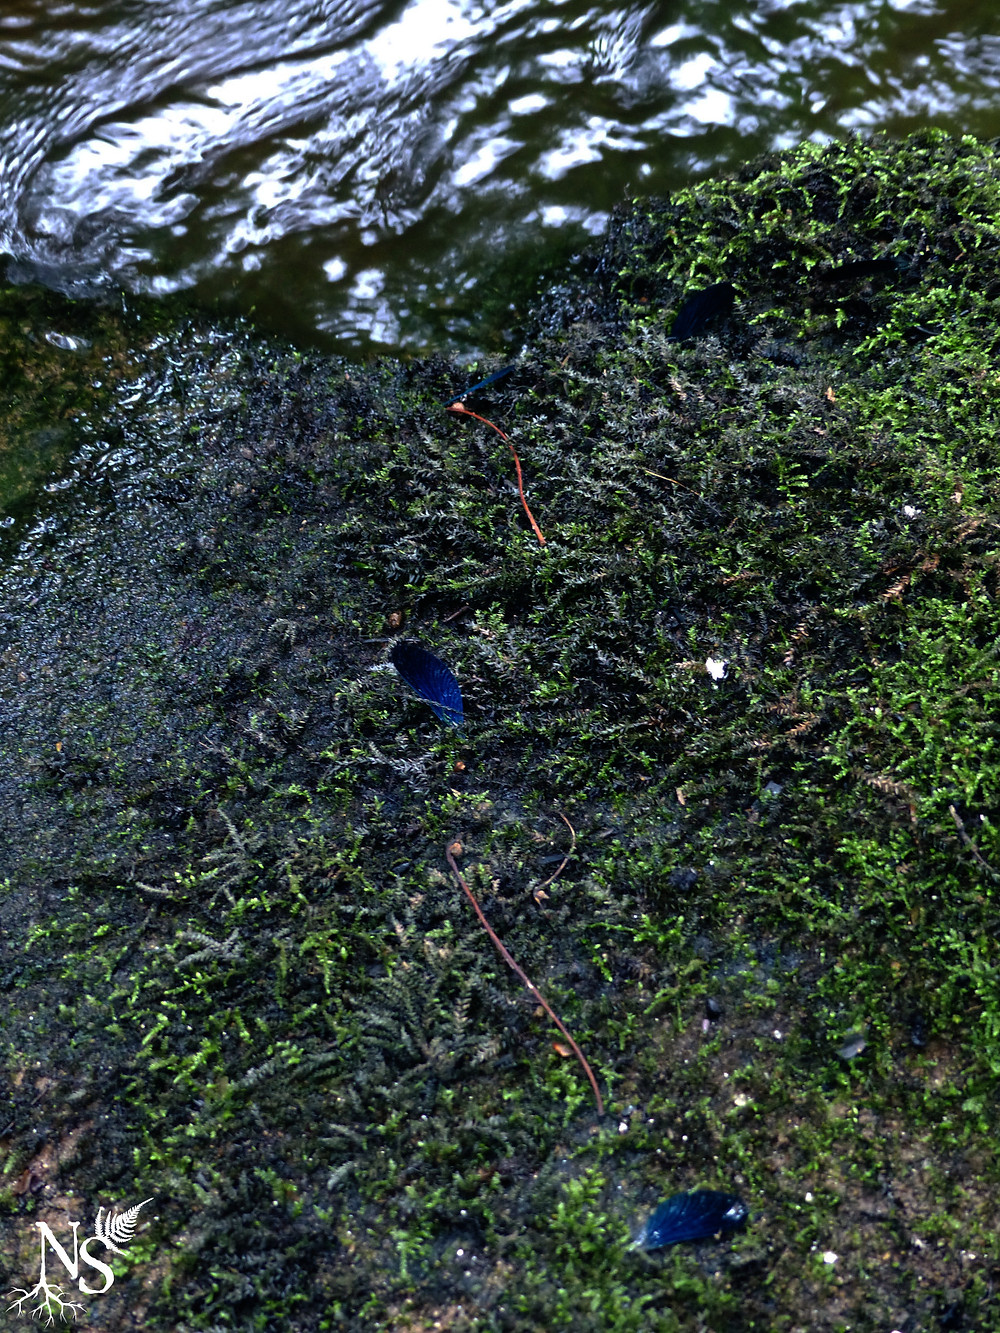 ailes de libellule bleu foncé sur les berges de la rivière